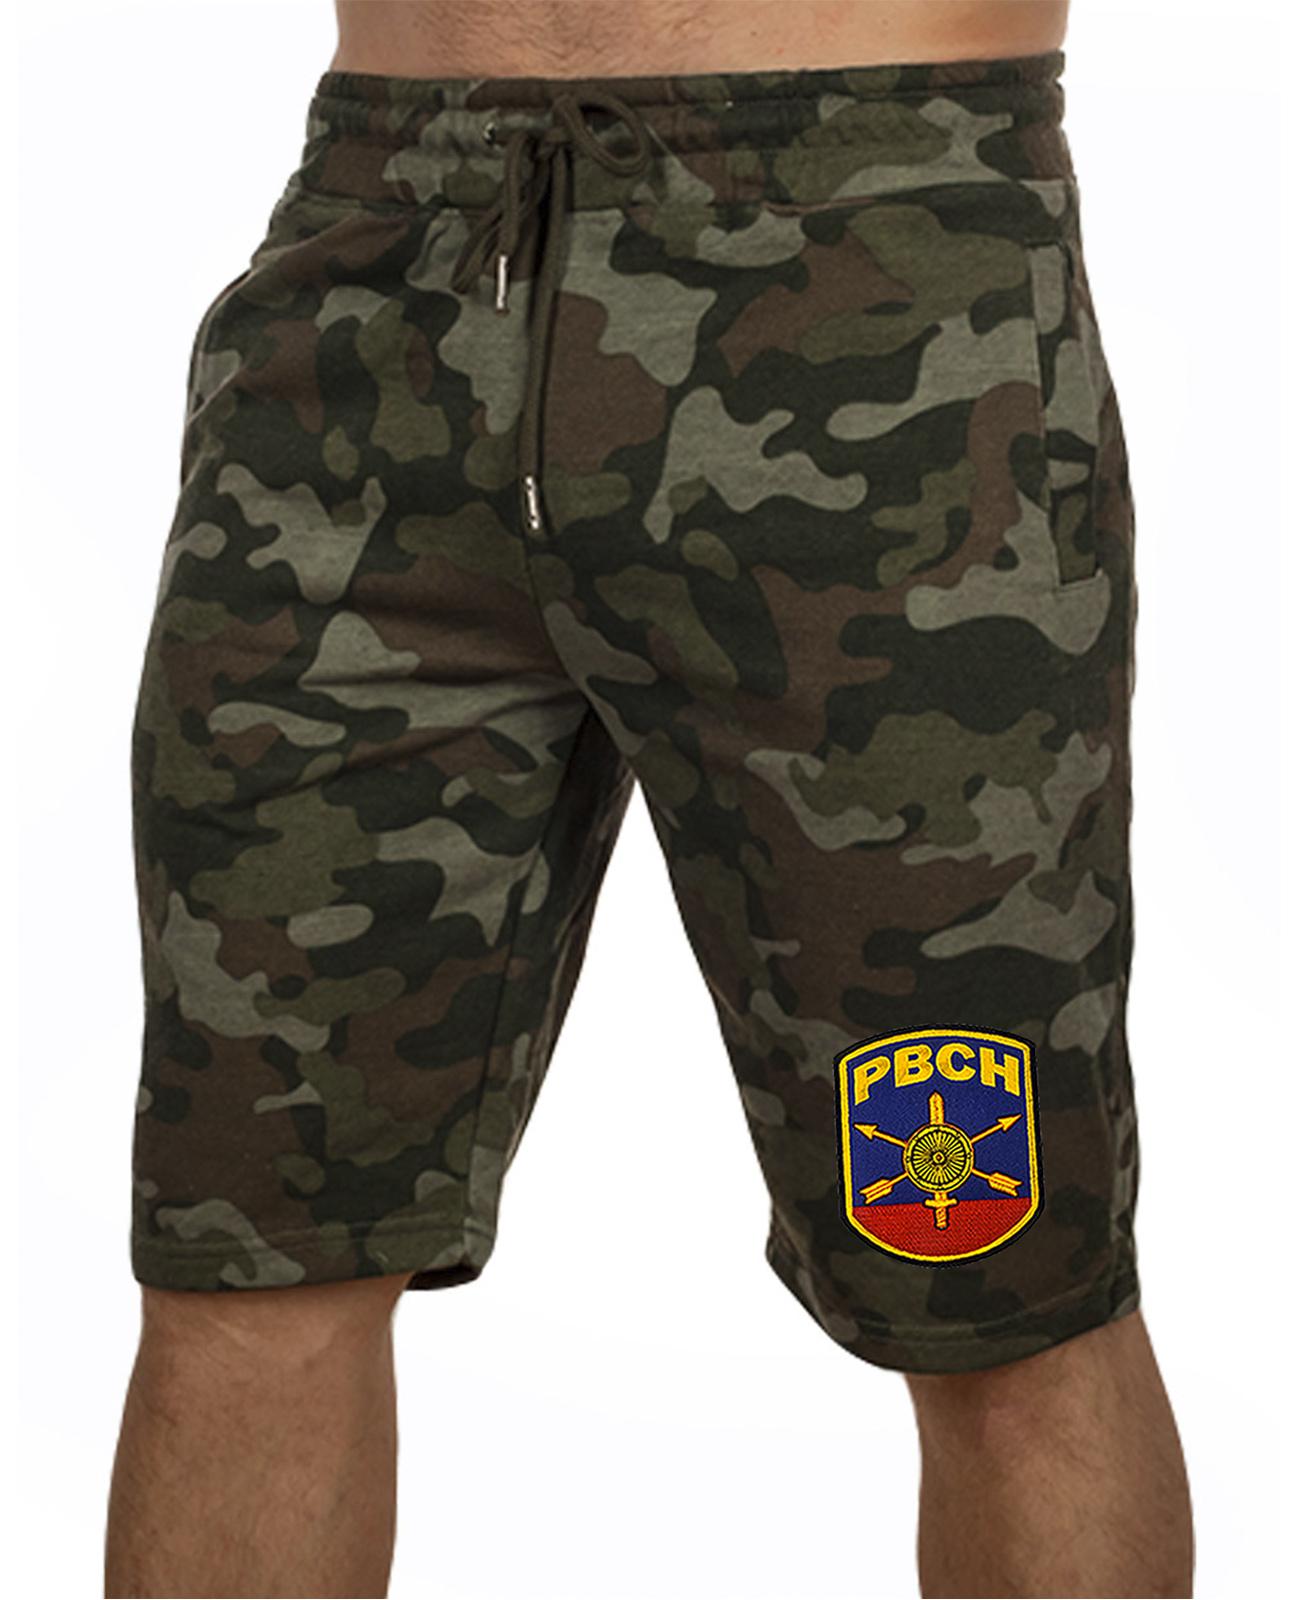 Купить камуфляжные шорты свободного кроя с нашивкой РВСН по лучшей цене